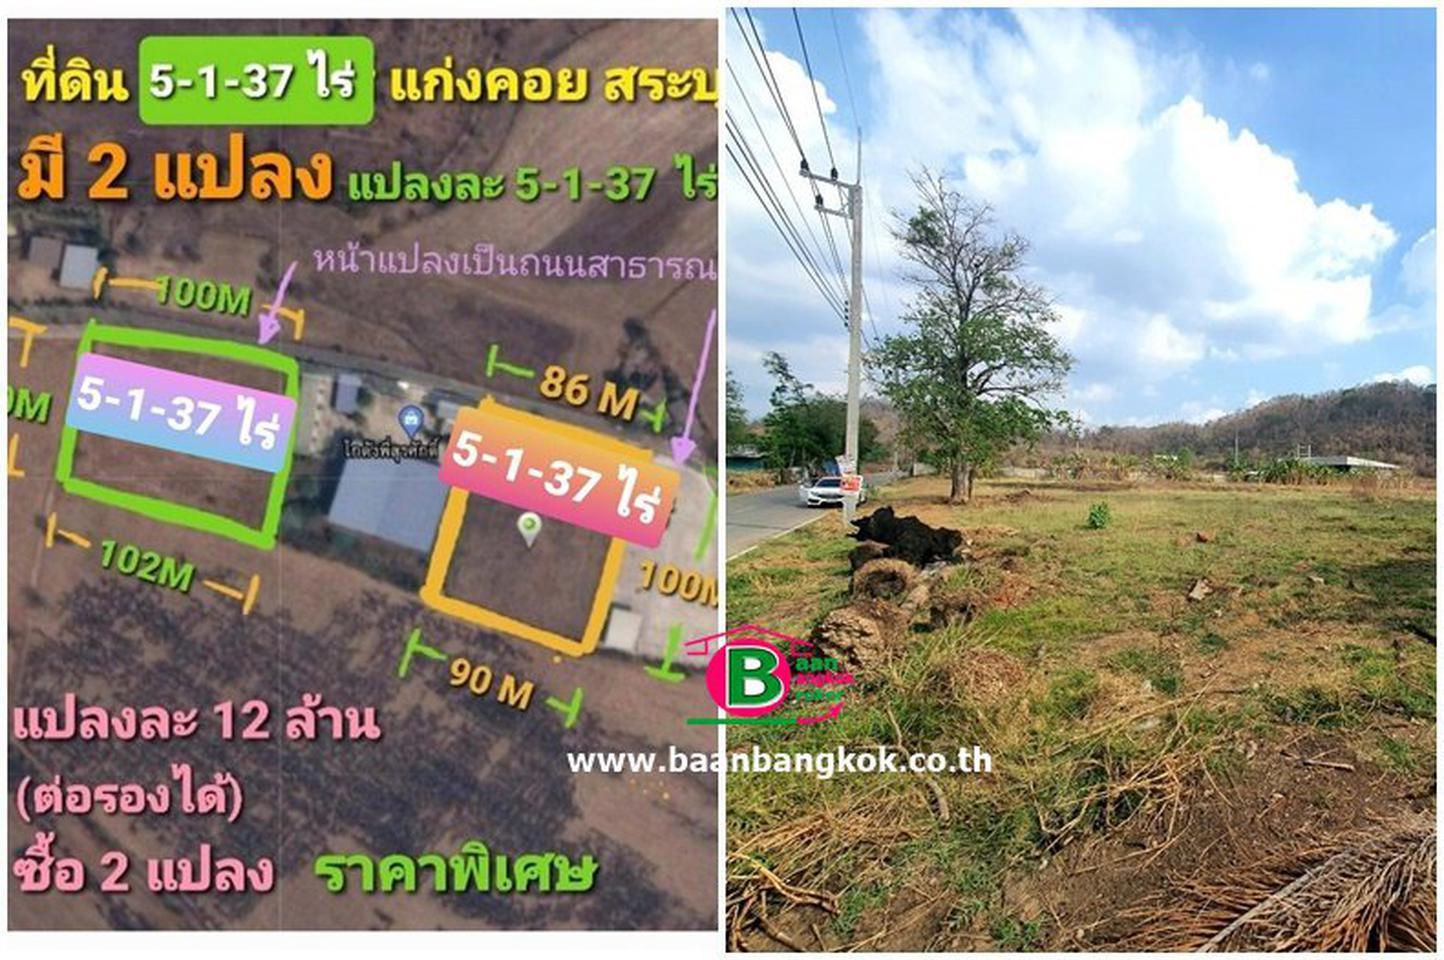 ที่ดินเปล่า 5-1-37 ไร่ แก่งคอย สระบุรี หน้ากว้างประมาณ 86 M x 100 M เป็นพื้นที่สีเขียว ทำโรงงานที่เกี่ยวข้องกับการเกษตร รูปที่ 1